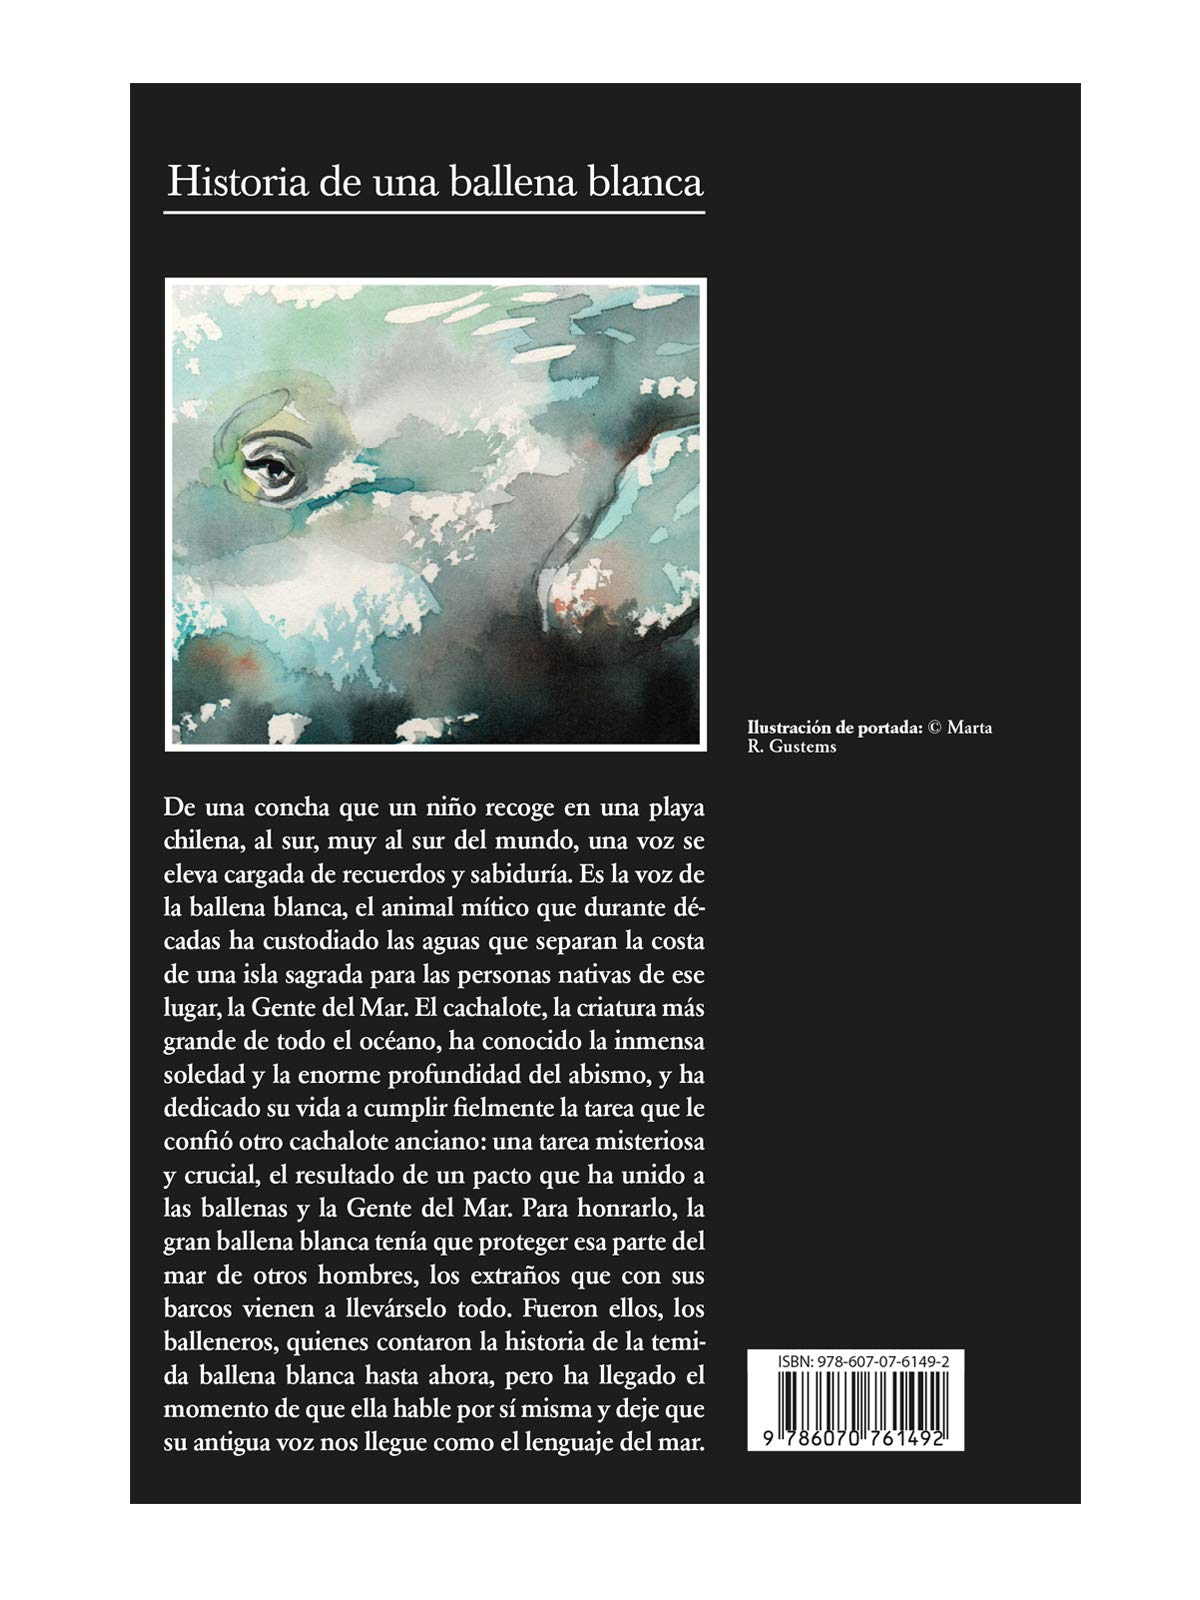 Historia de Una Ballena Blanca: Amazon.es: Sepulveda, Luis: Libros